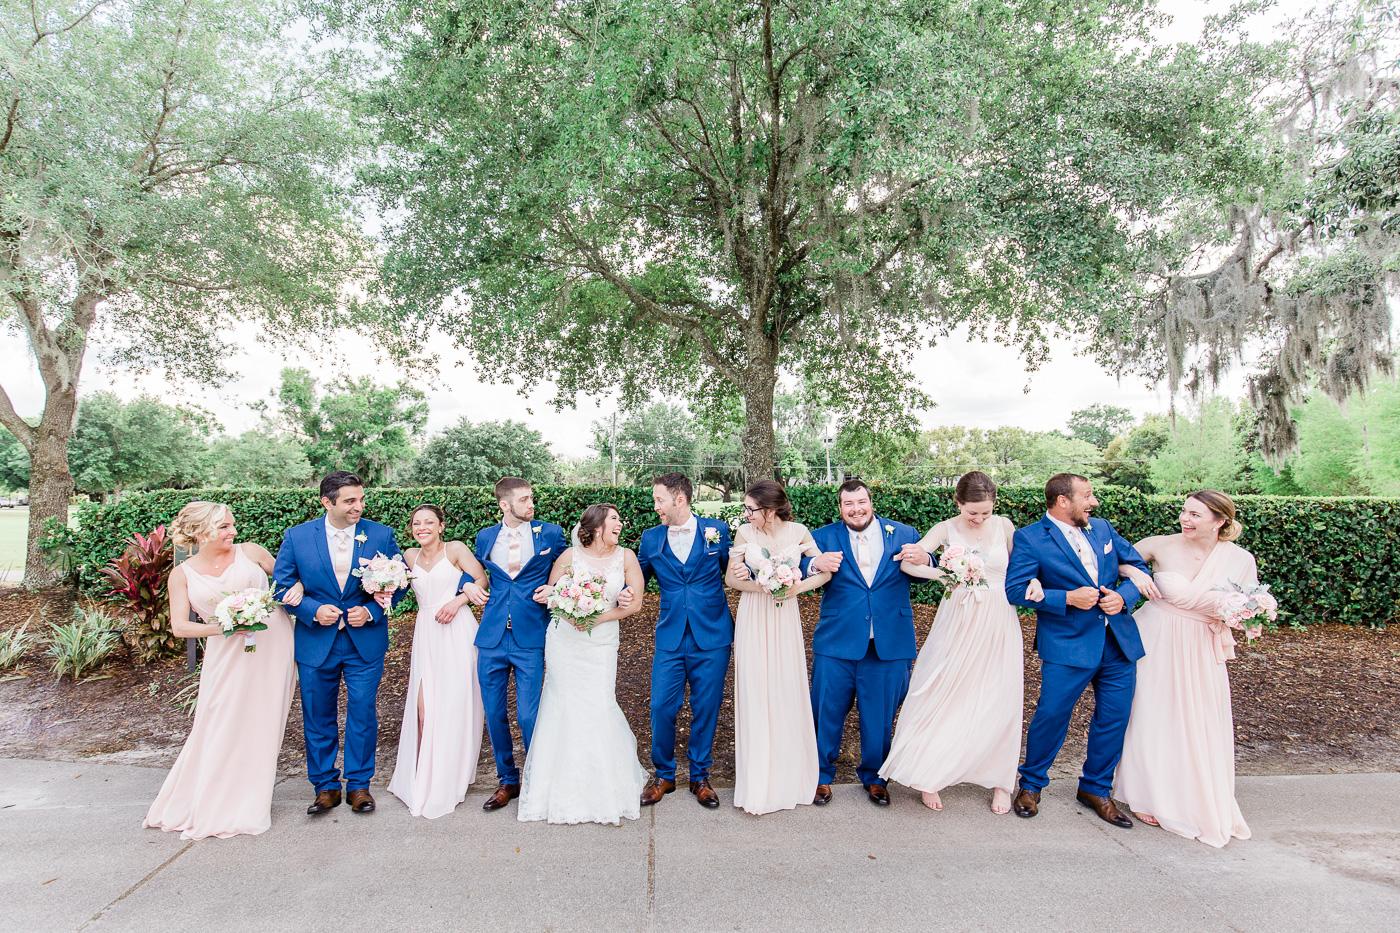 Fun-bridal-party-photos-1.jpg